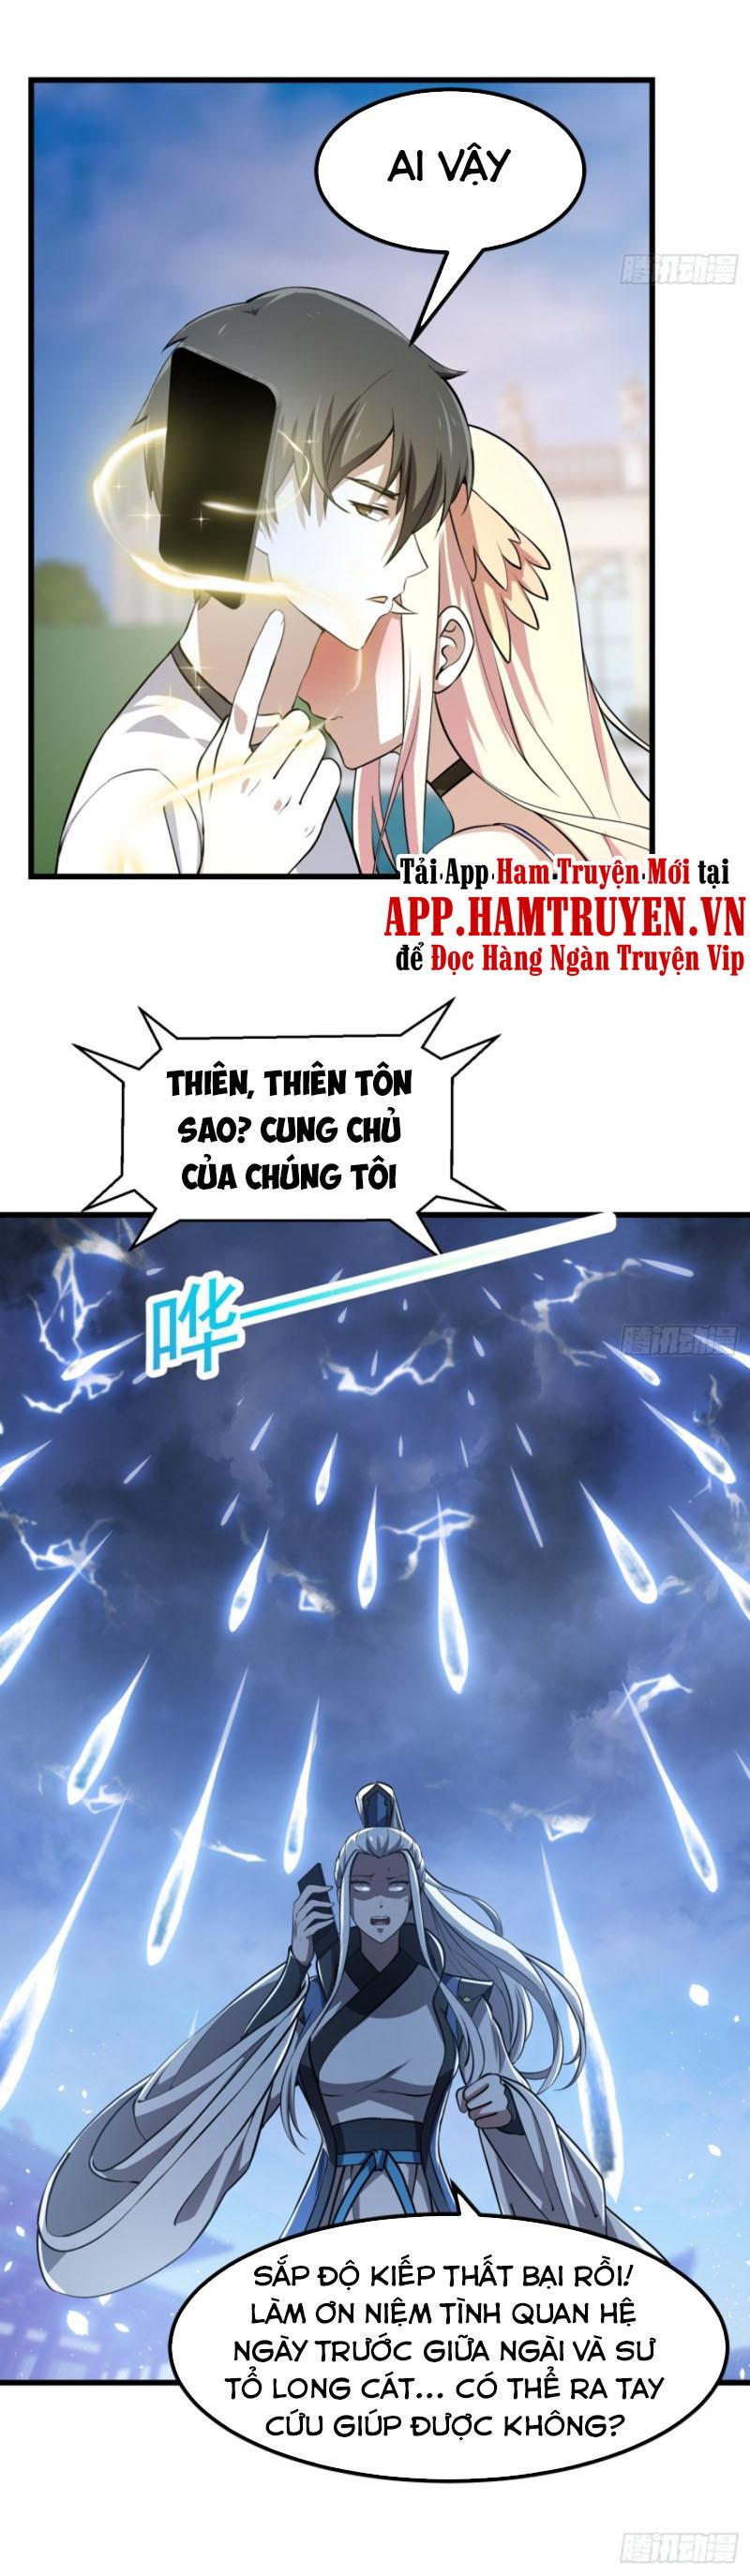 Ta Chẳng Qua Là Một Đại La Kim Tiên Chương 156 - Vcomic.net